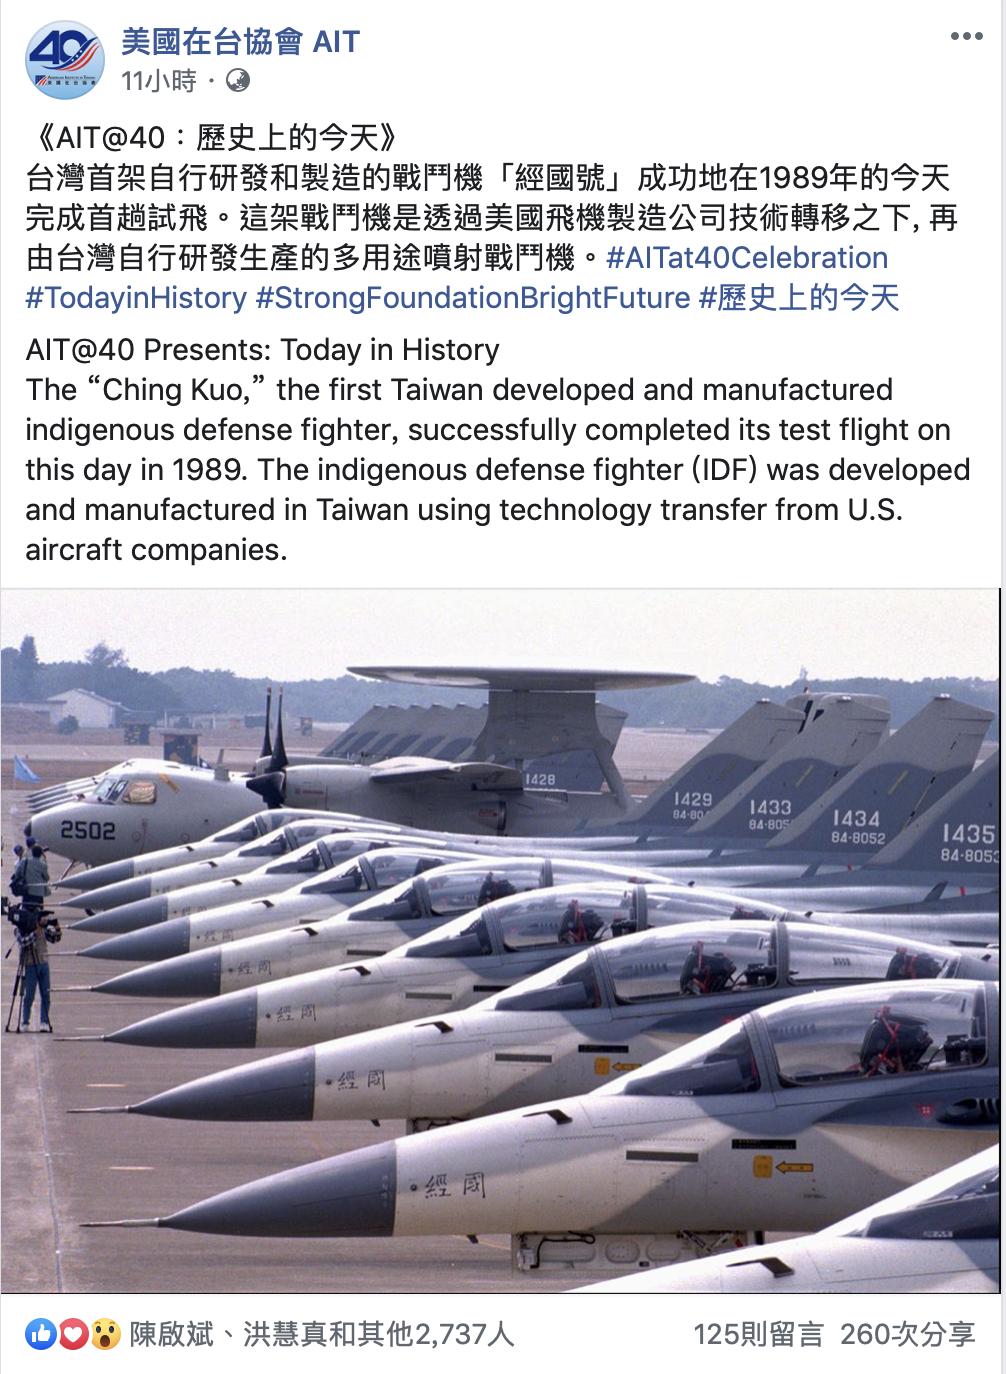 美国在台协会(AIT)28号也在脸书贴出经国号战机的旧照。(摘自AIT脸书)